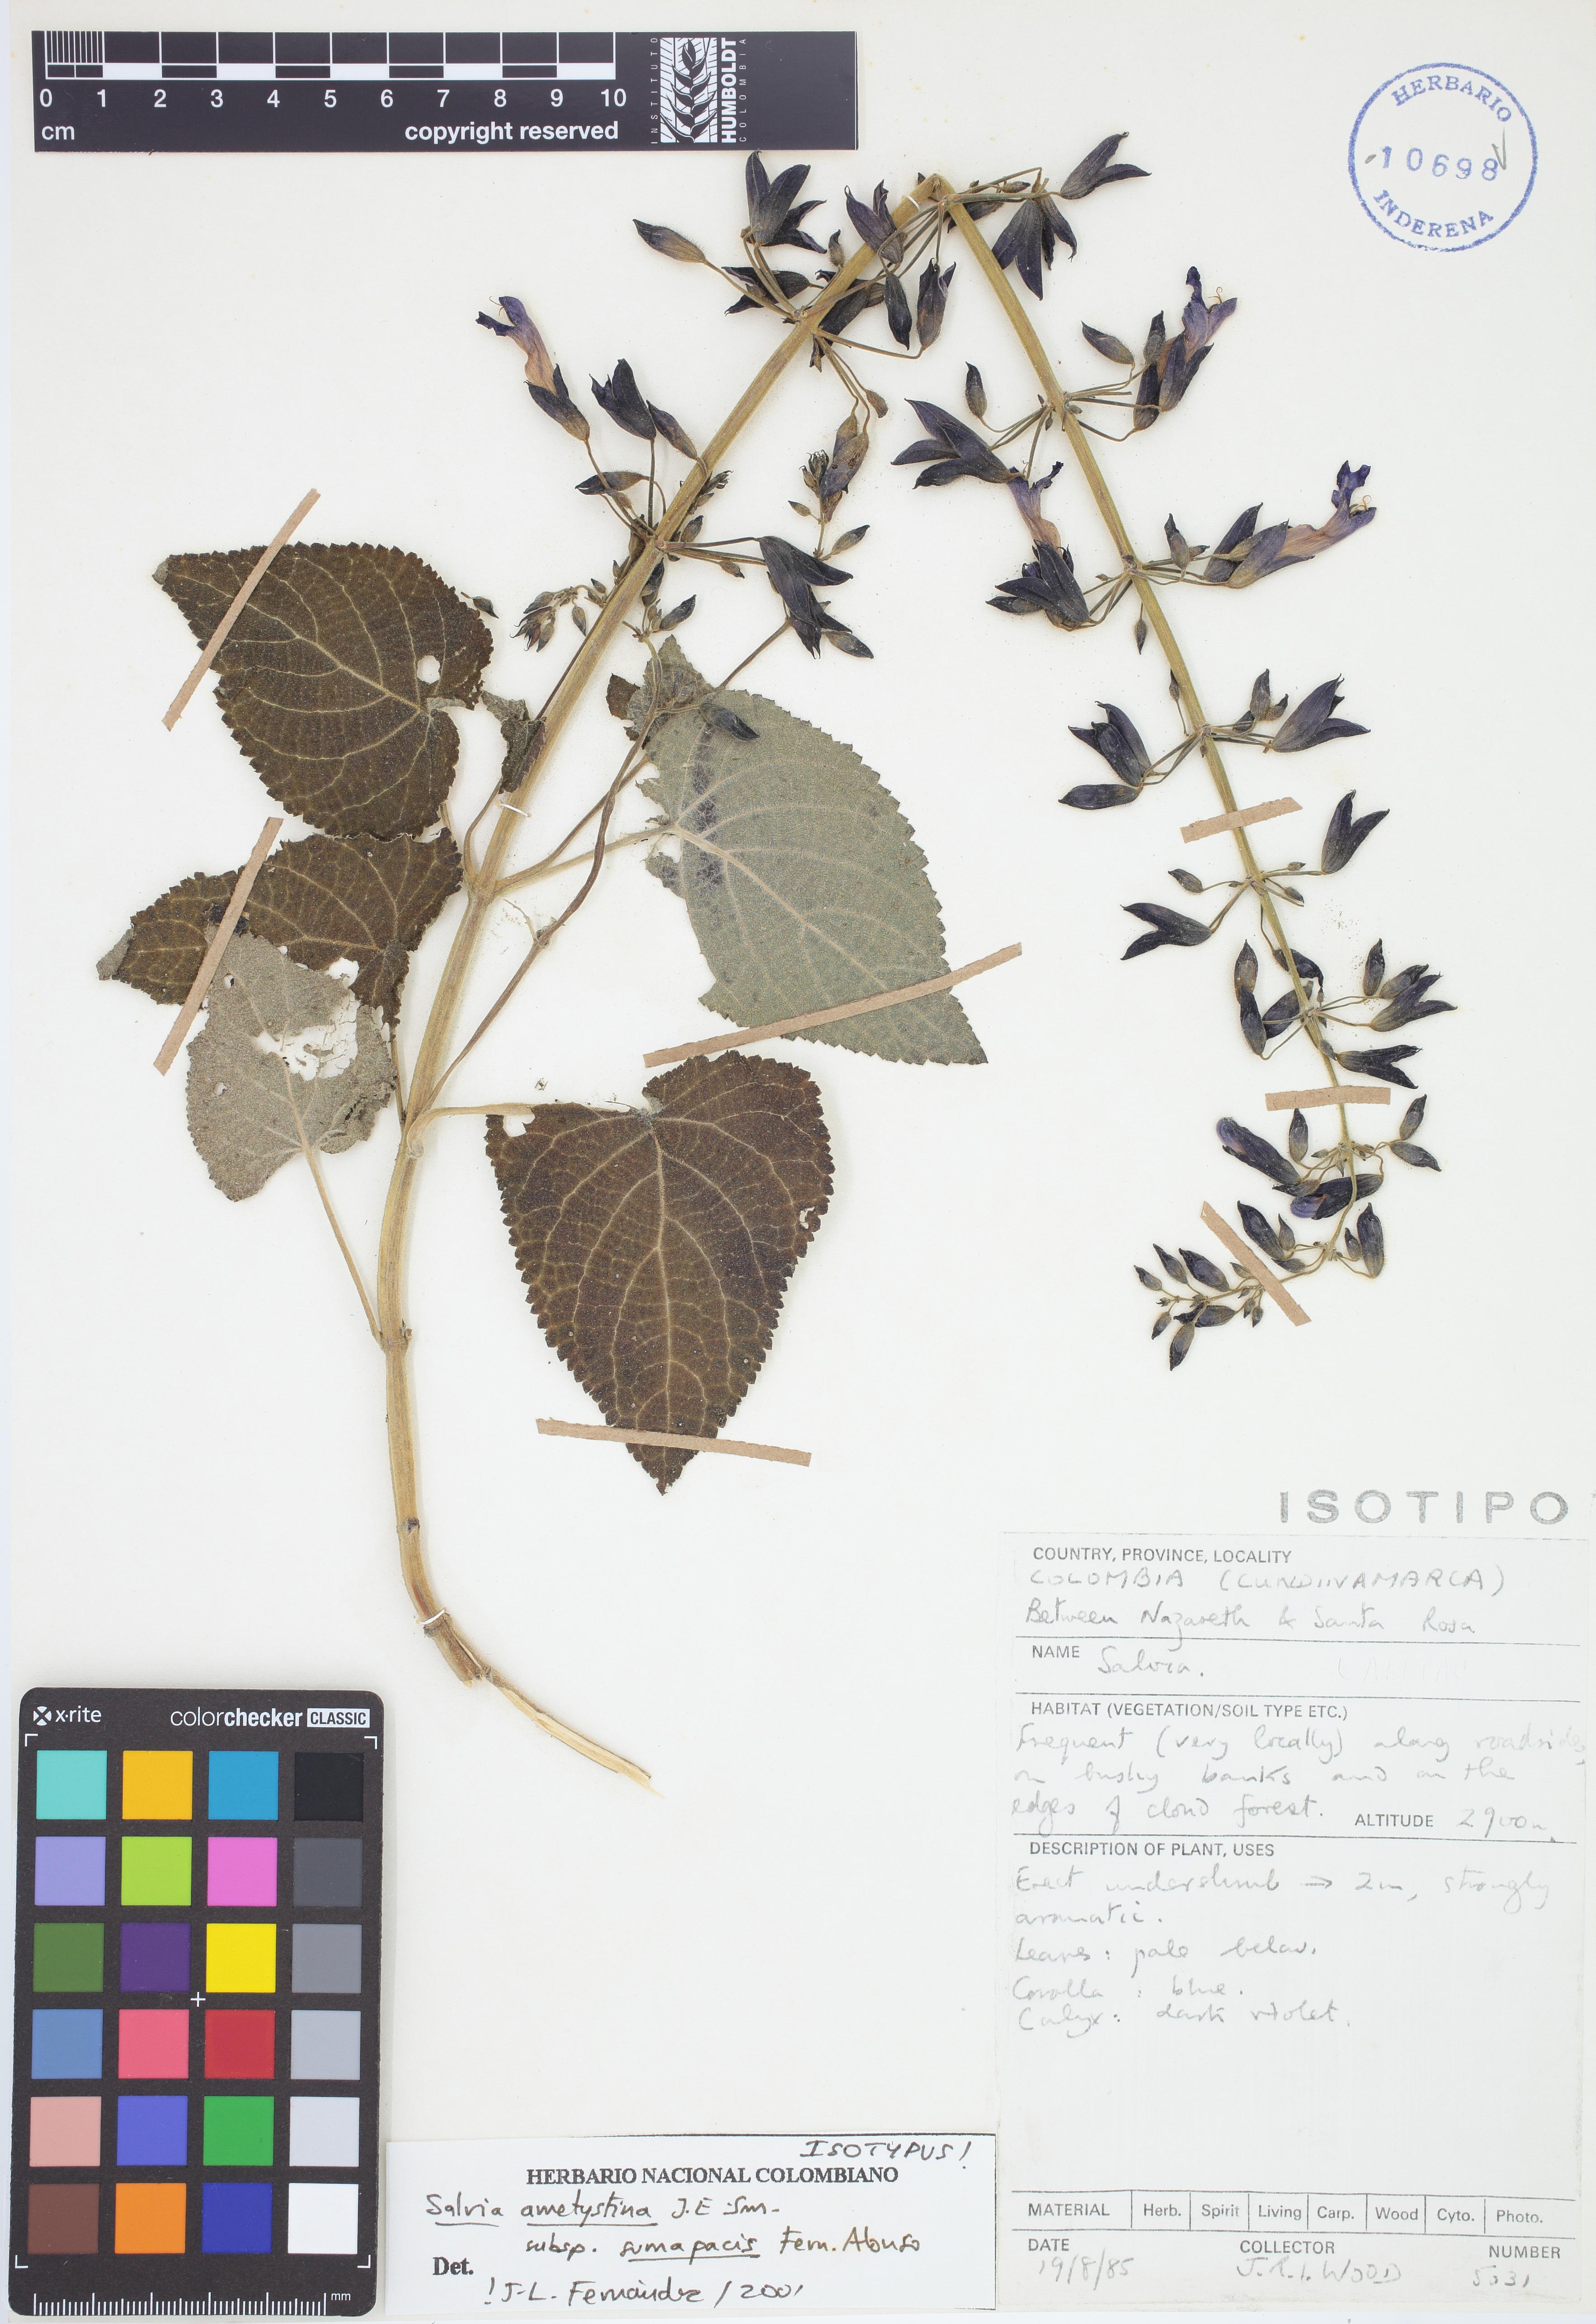 Isotipo de <em>Salvia amethystina</em> subsp. <em>sumapacis</em>, FMB-10698, Fotografía por Robles A.